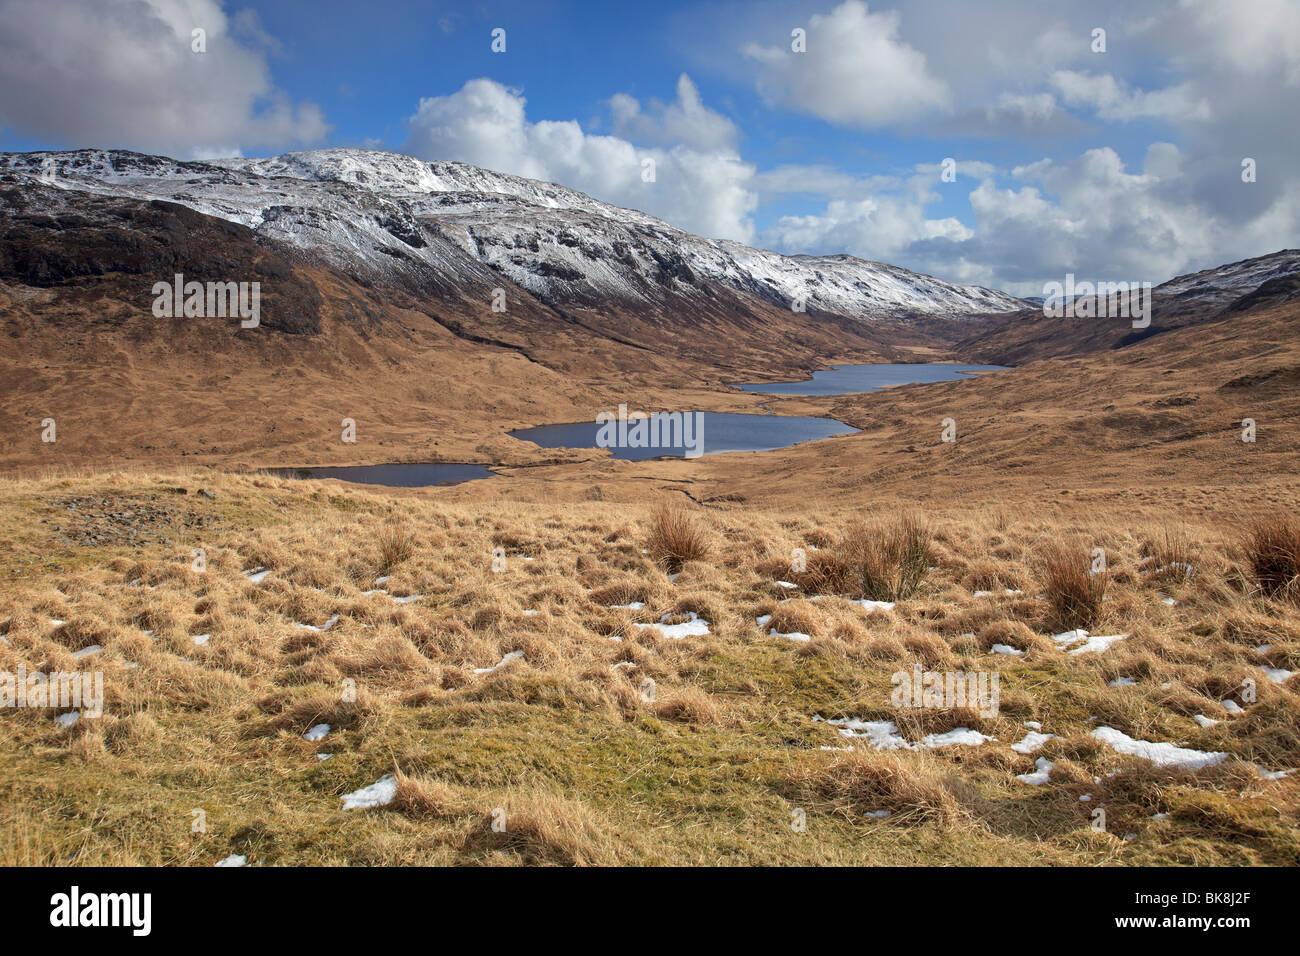 Loch an Eilein, Lochan Ellen, Loch Airdeglais in Glen More, Isle of Mull, Western Isles, Scotland - Stock Image